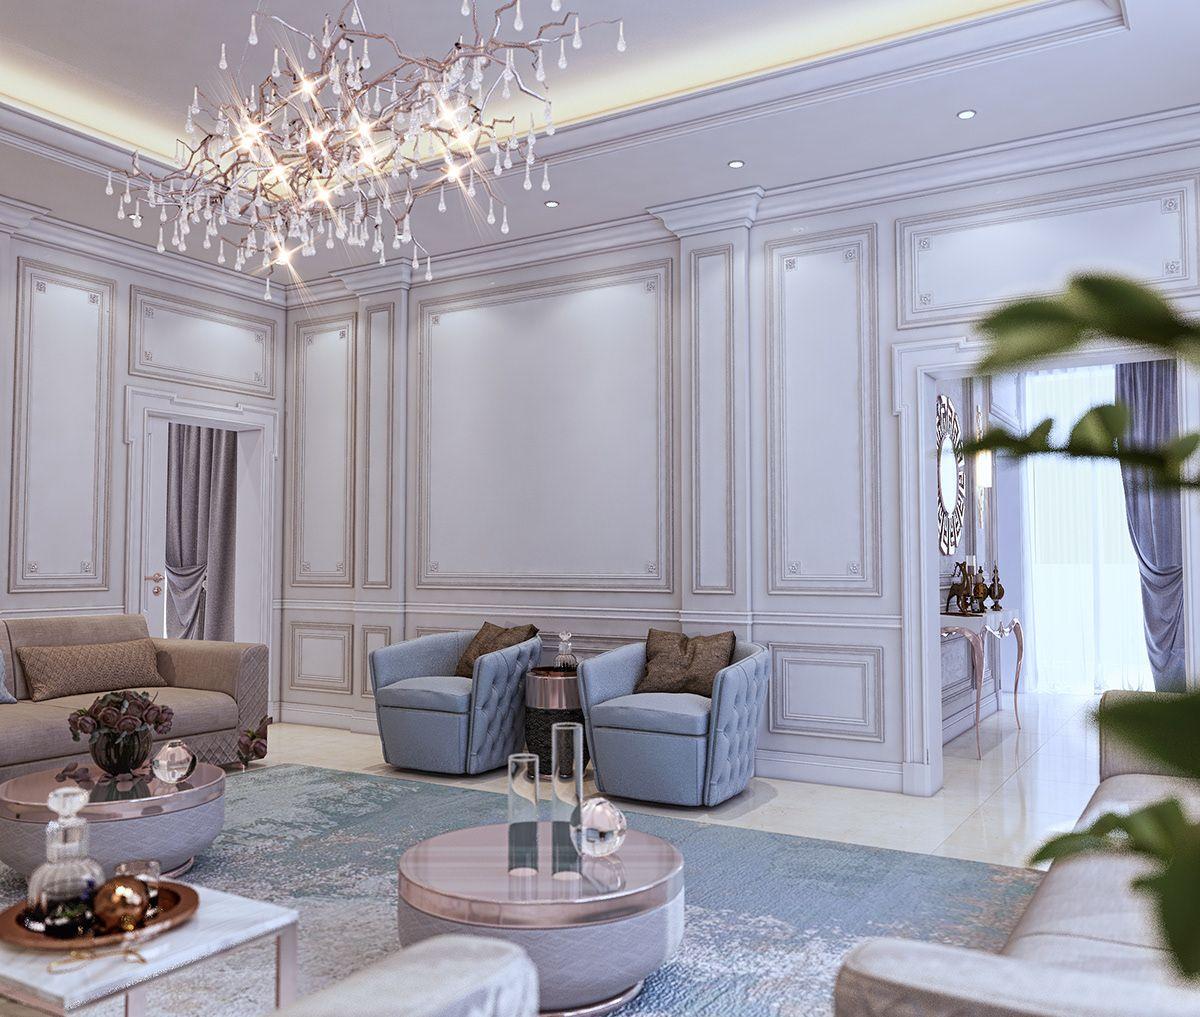 تصميم مجالس حريم Ceiling Design Living Room Living Room Designs Ceiling Design